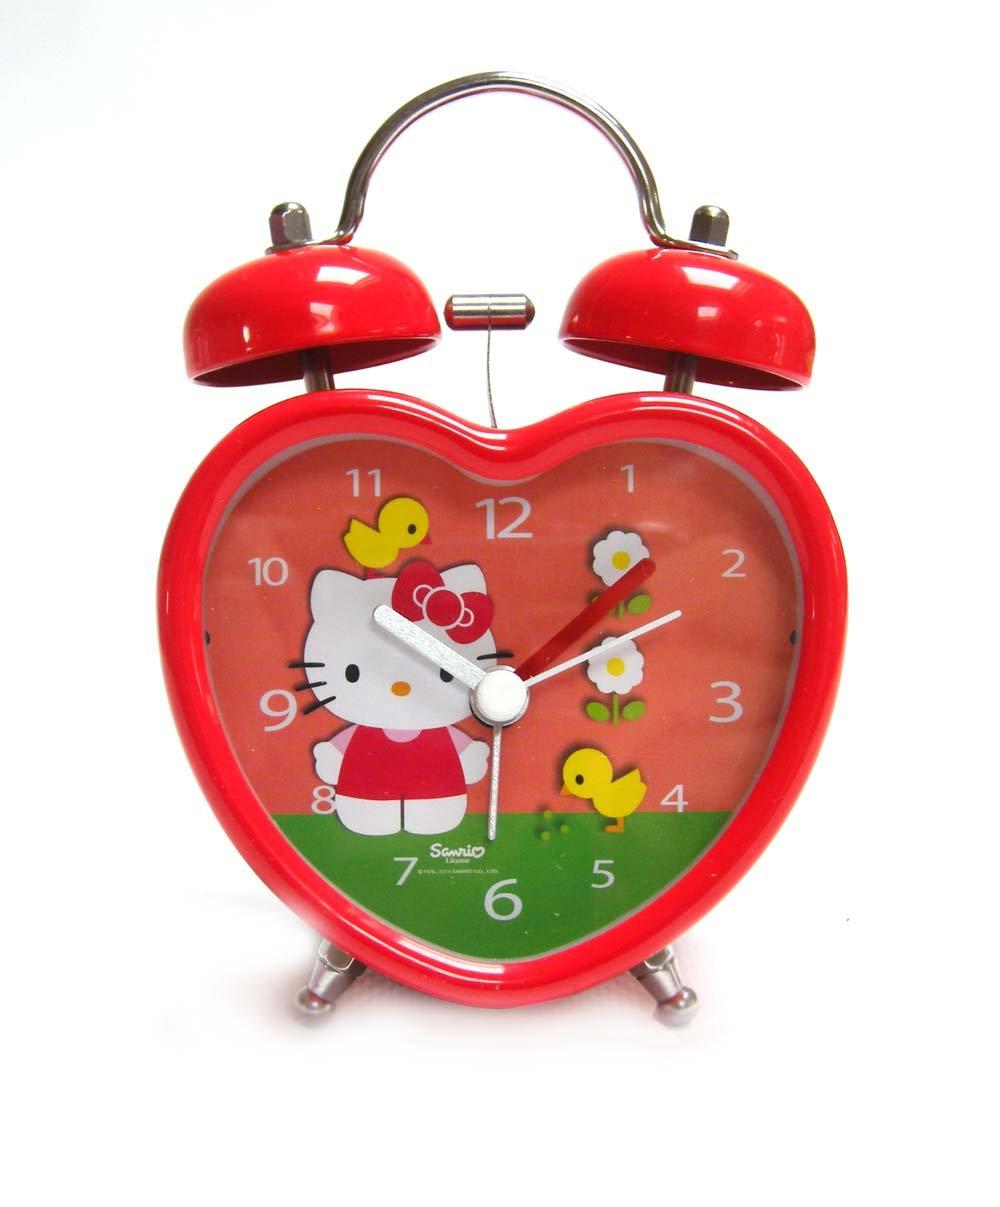 Unitedlabels 0811296 Hello Kitty – Wecker, Durchmesser 8,5 cm günstig bestellen